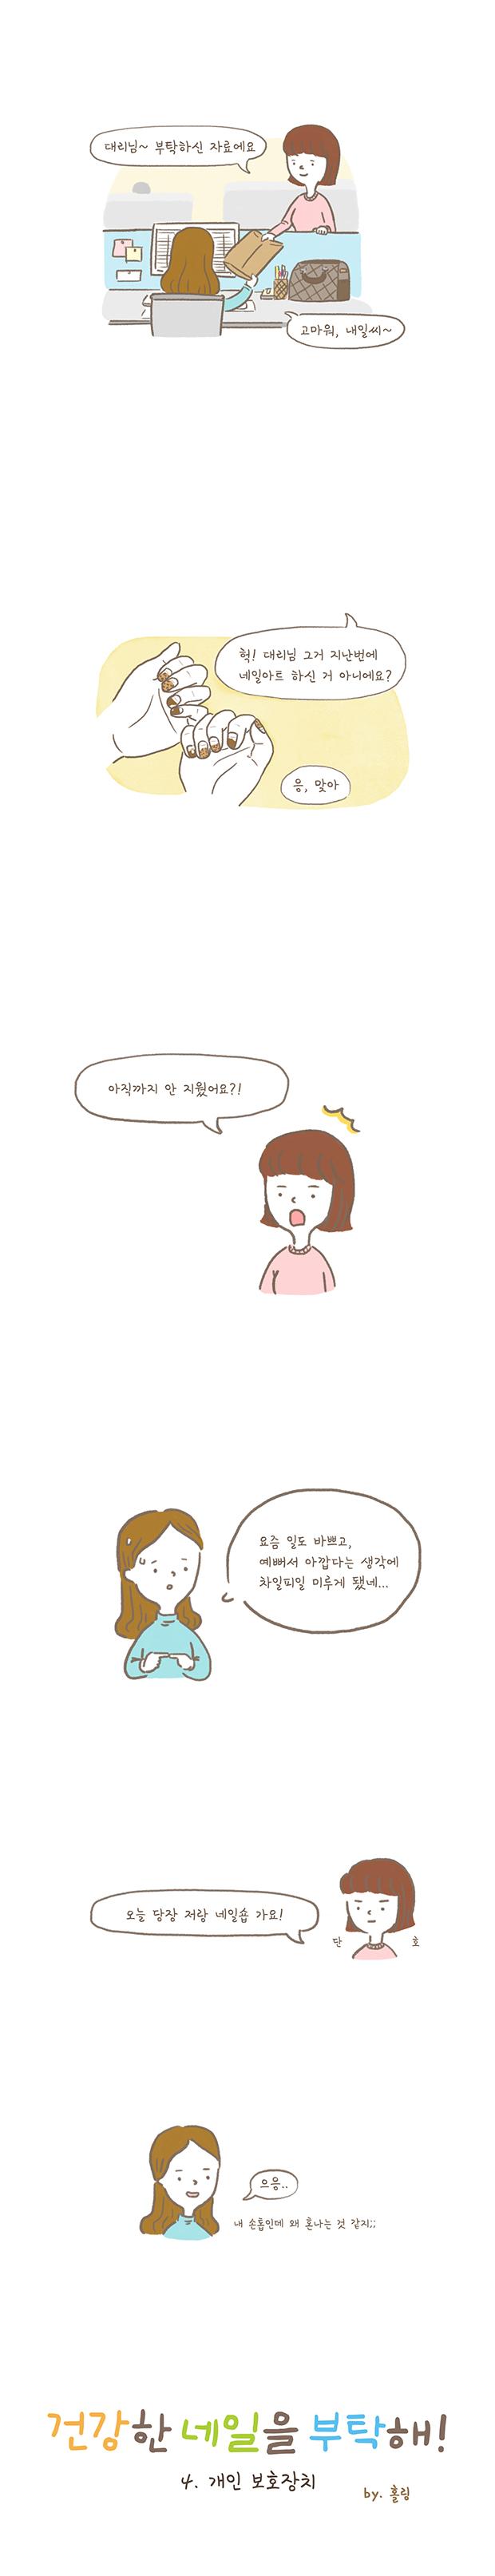 웹툰_종사자용(개인 보호장치)1